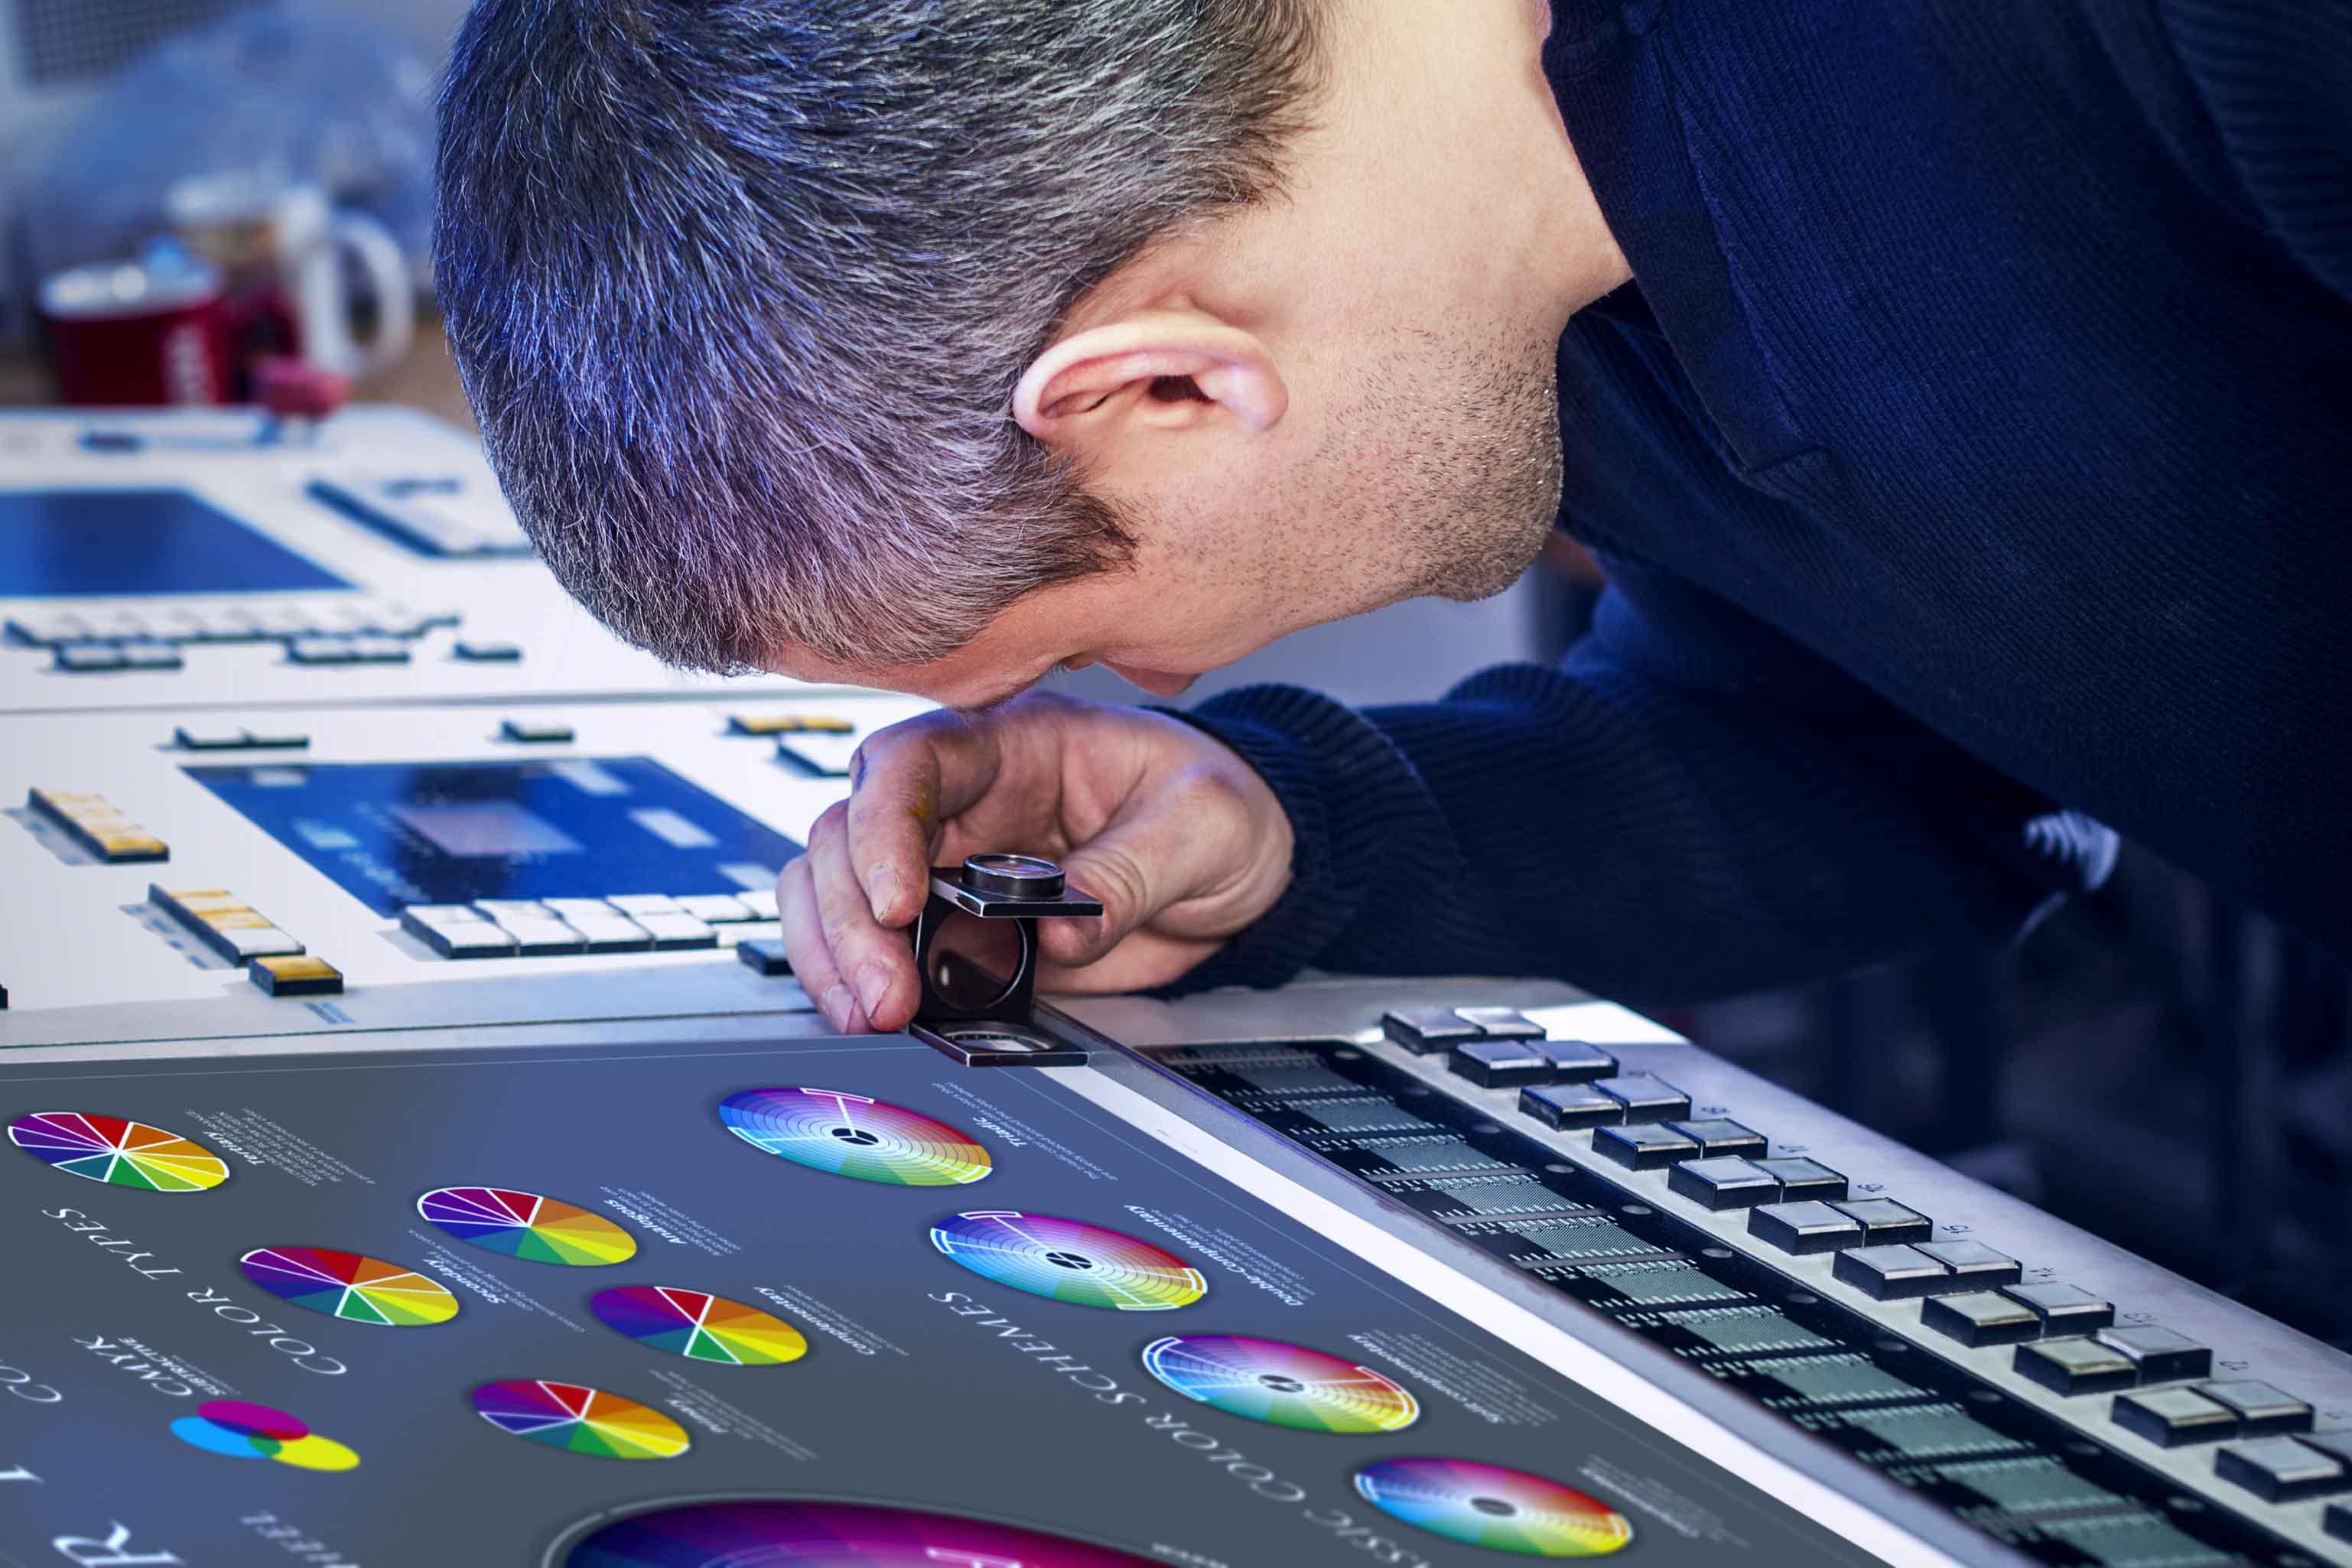 Chico manipulando máquina de color